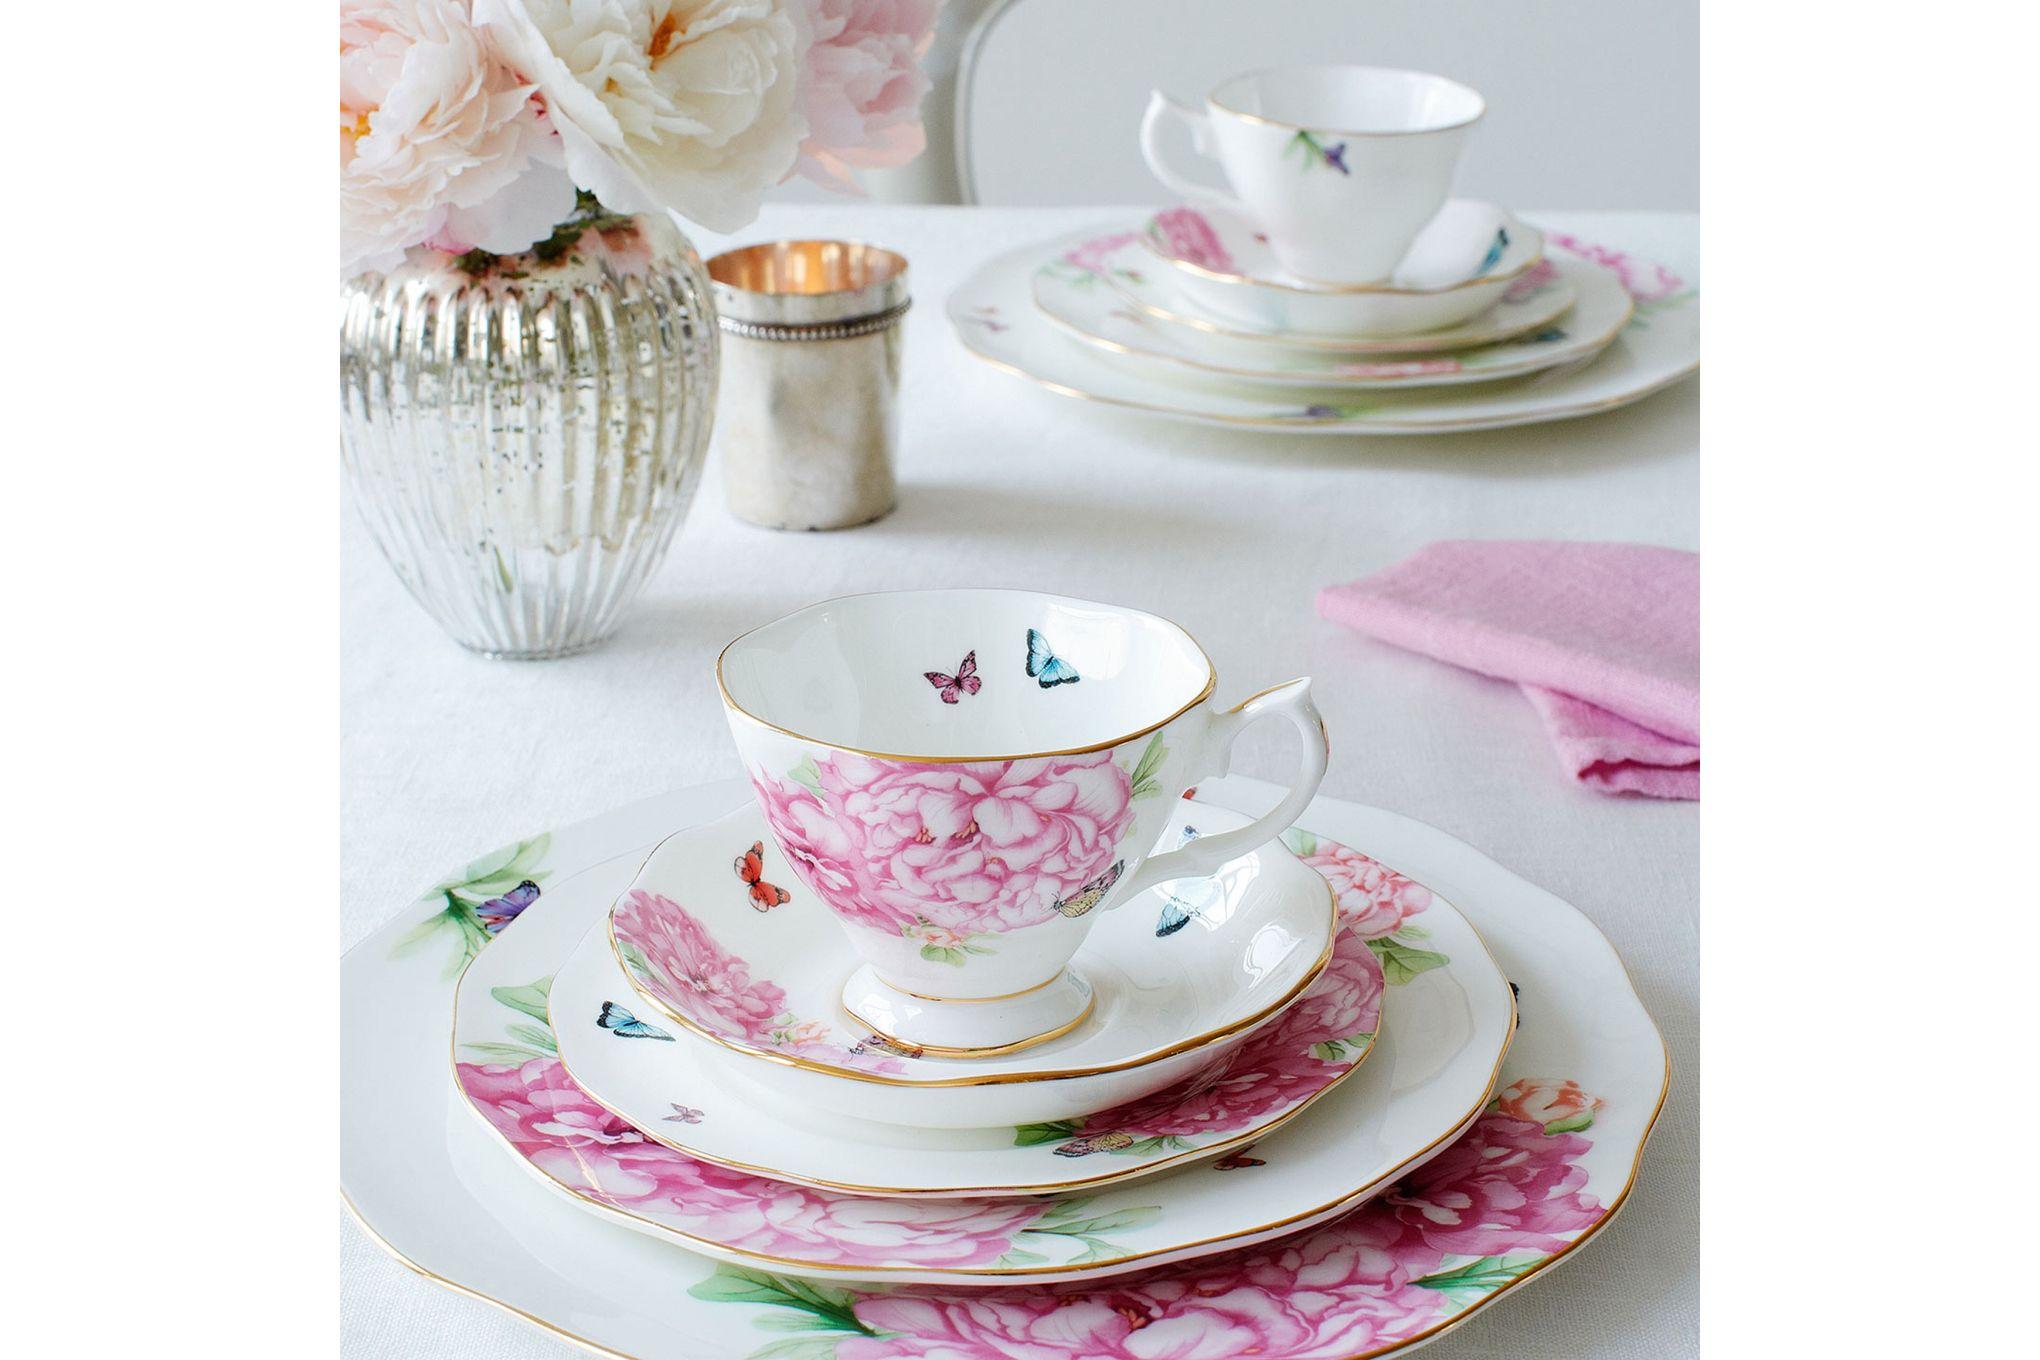 Miranda Kerr for Royal Albert Friendship Dinner Plate 27cm thumb 2